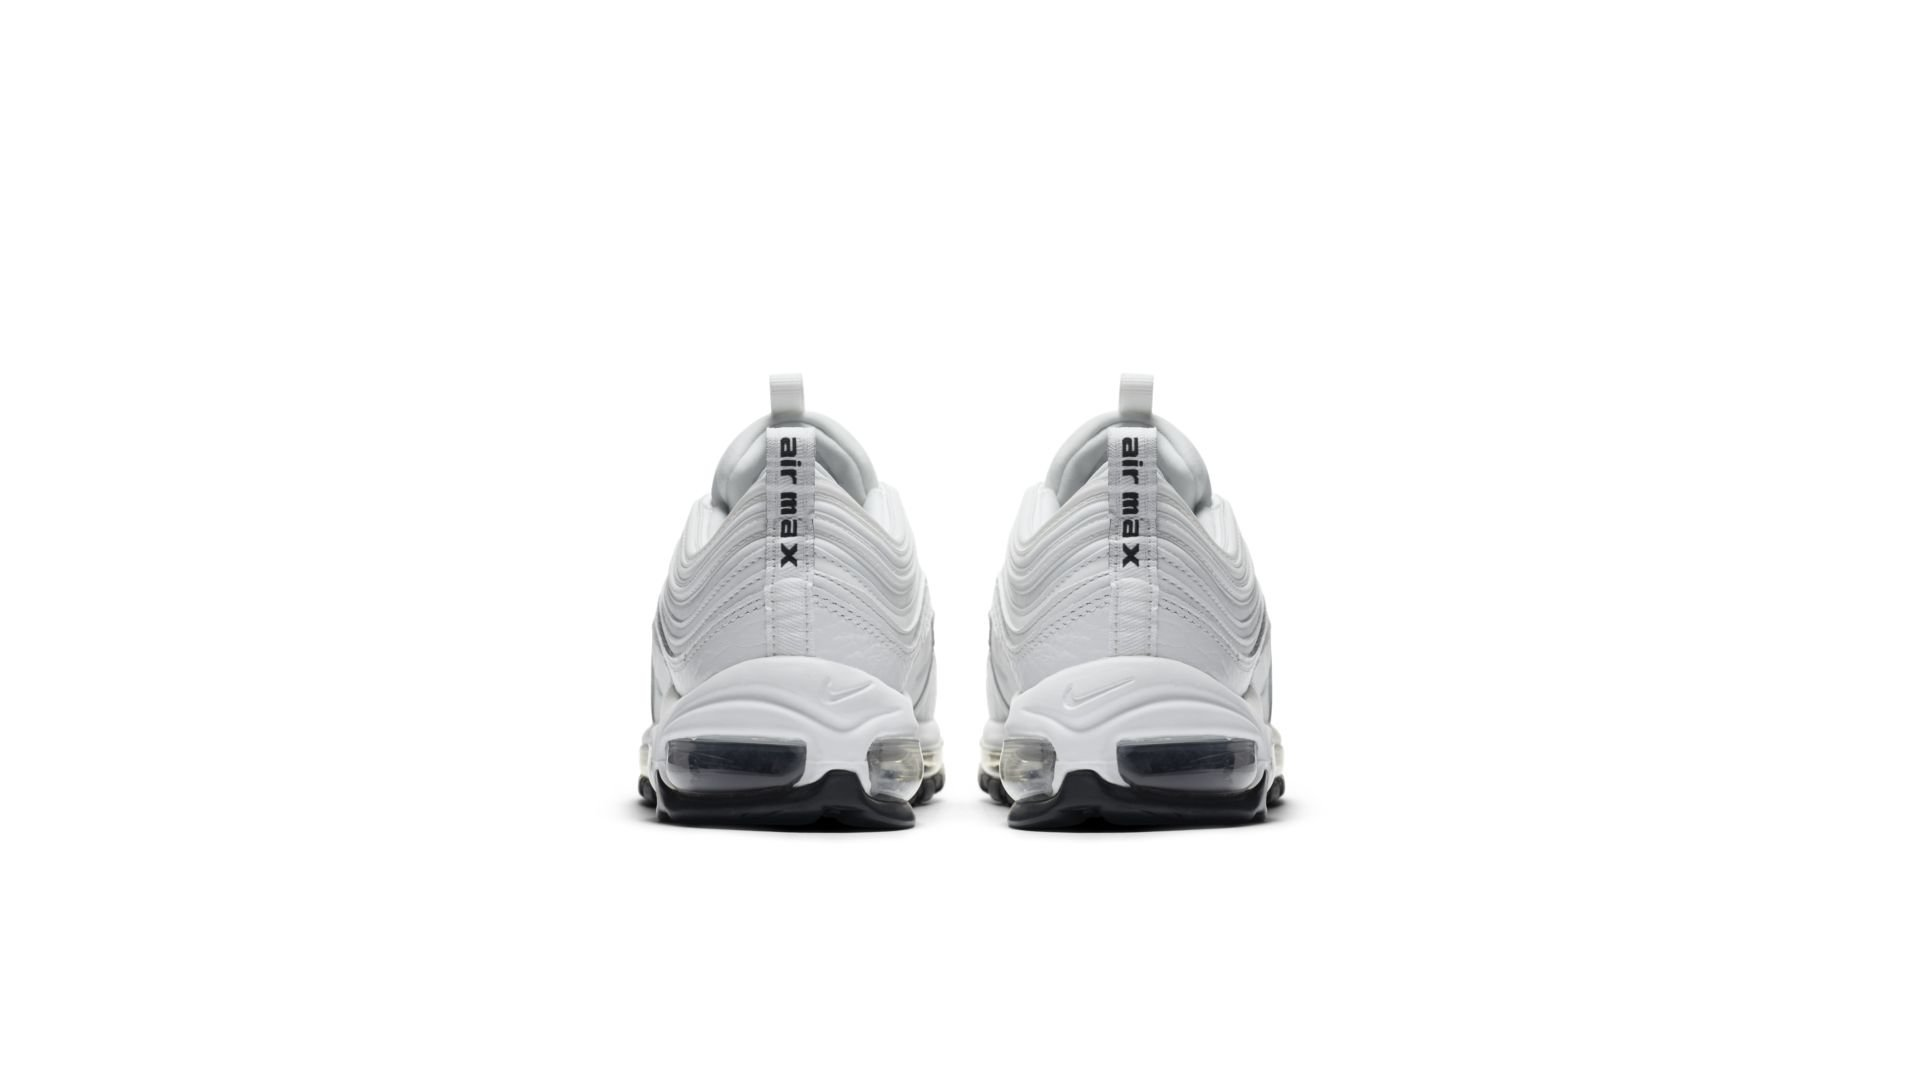 Nike Air Max 97 'White'  (AQ8760-100)